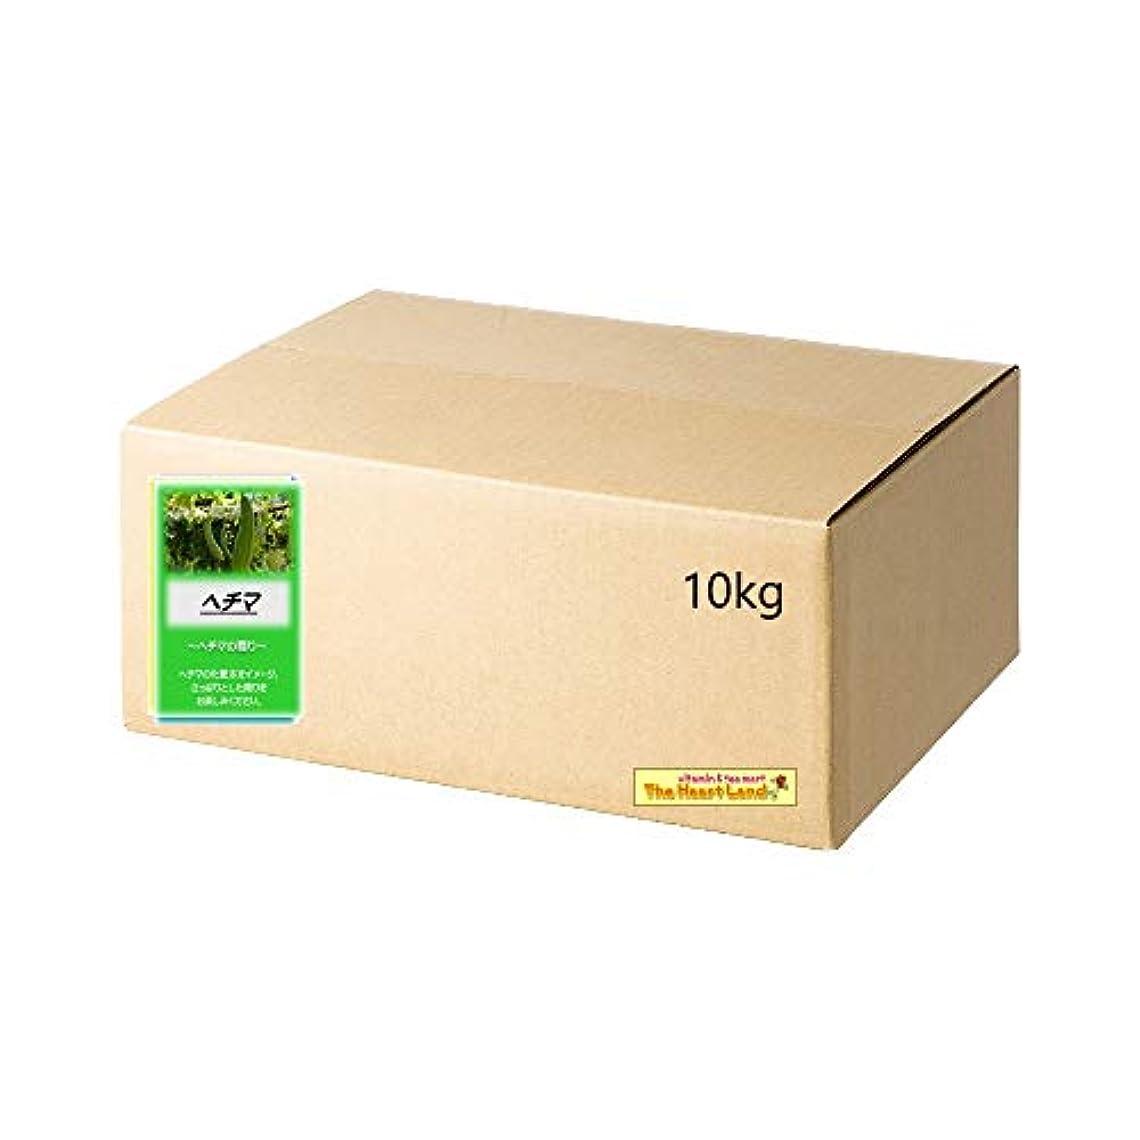 キラウエア山純粋に減らすアサヒ入浴剤 浴用入浴化粧品 ヘチマ 10kg